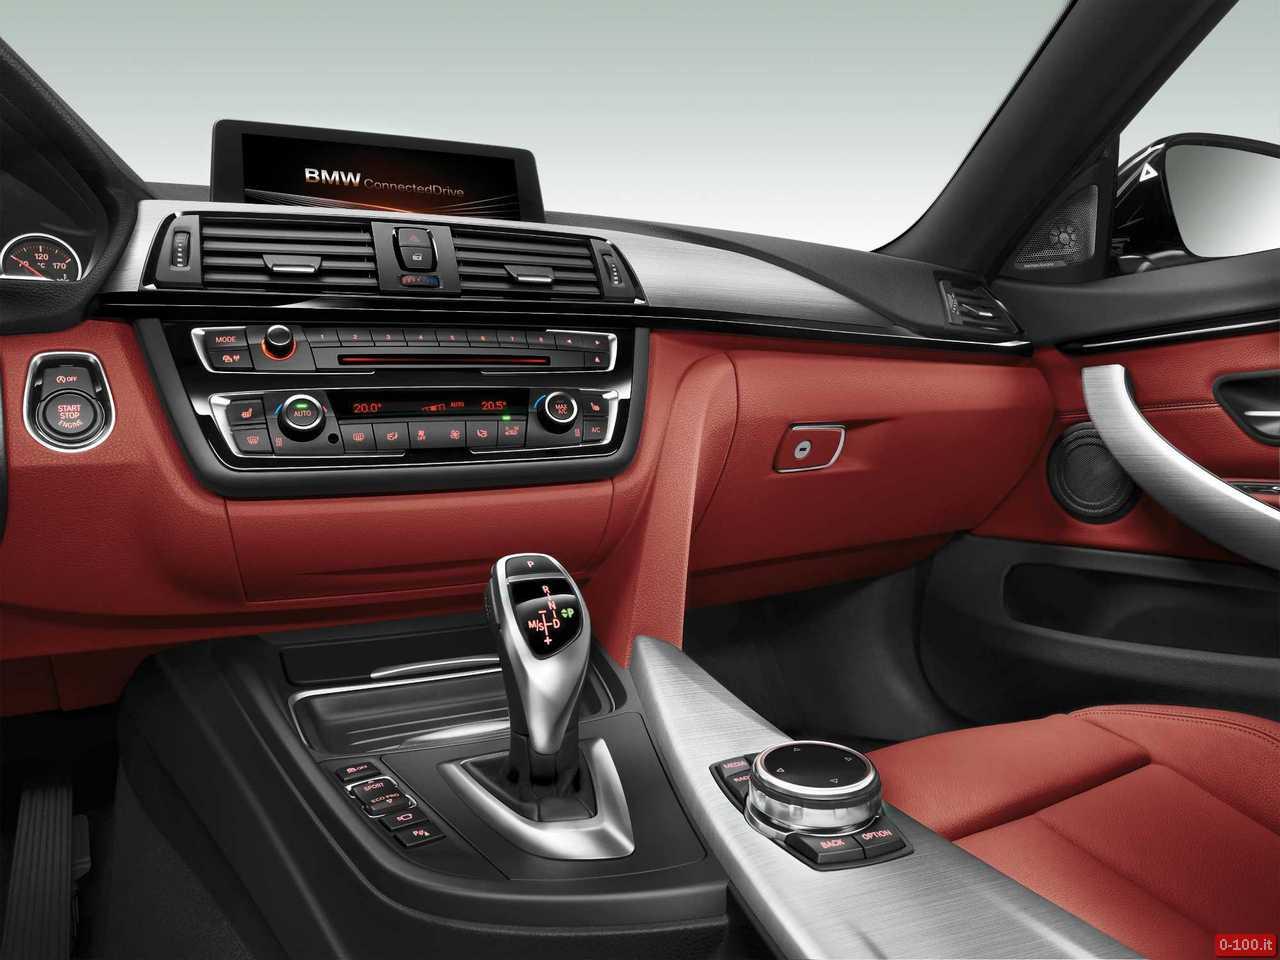 bmw-serie-4-gran-coupe-prezzo-price-ginevra-geneve-2014-0-100_41